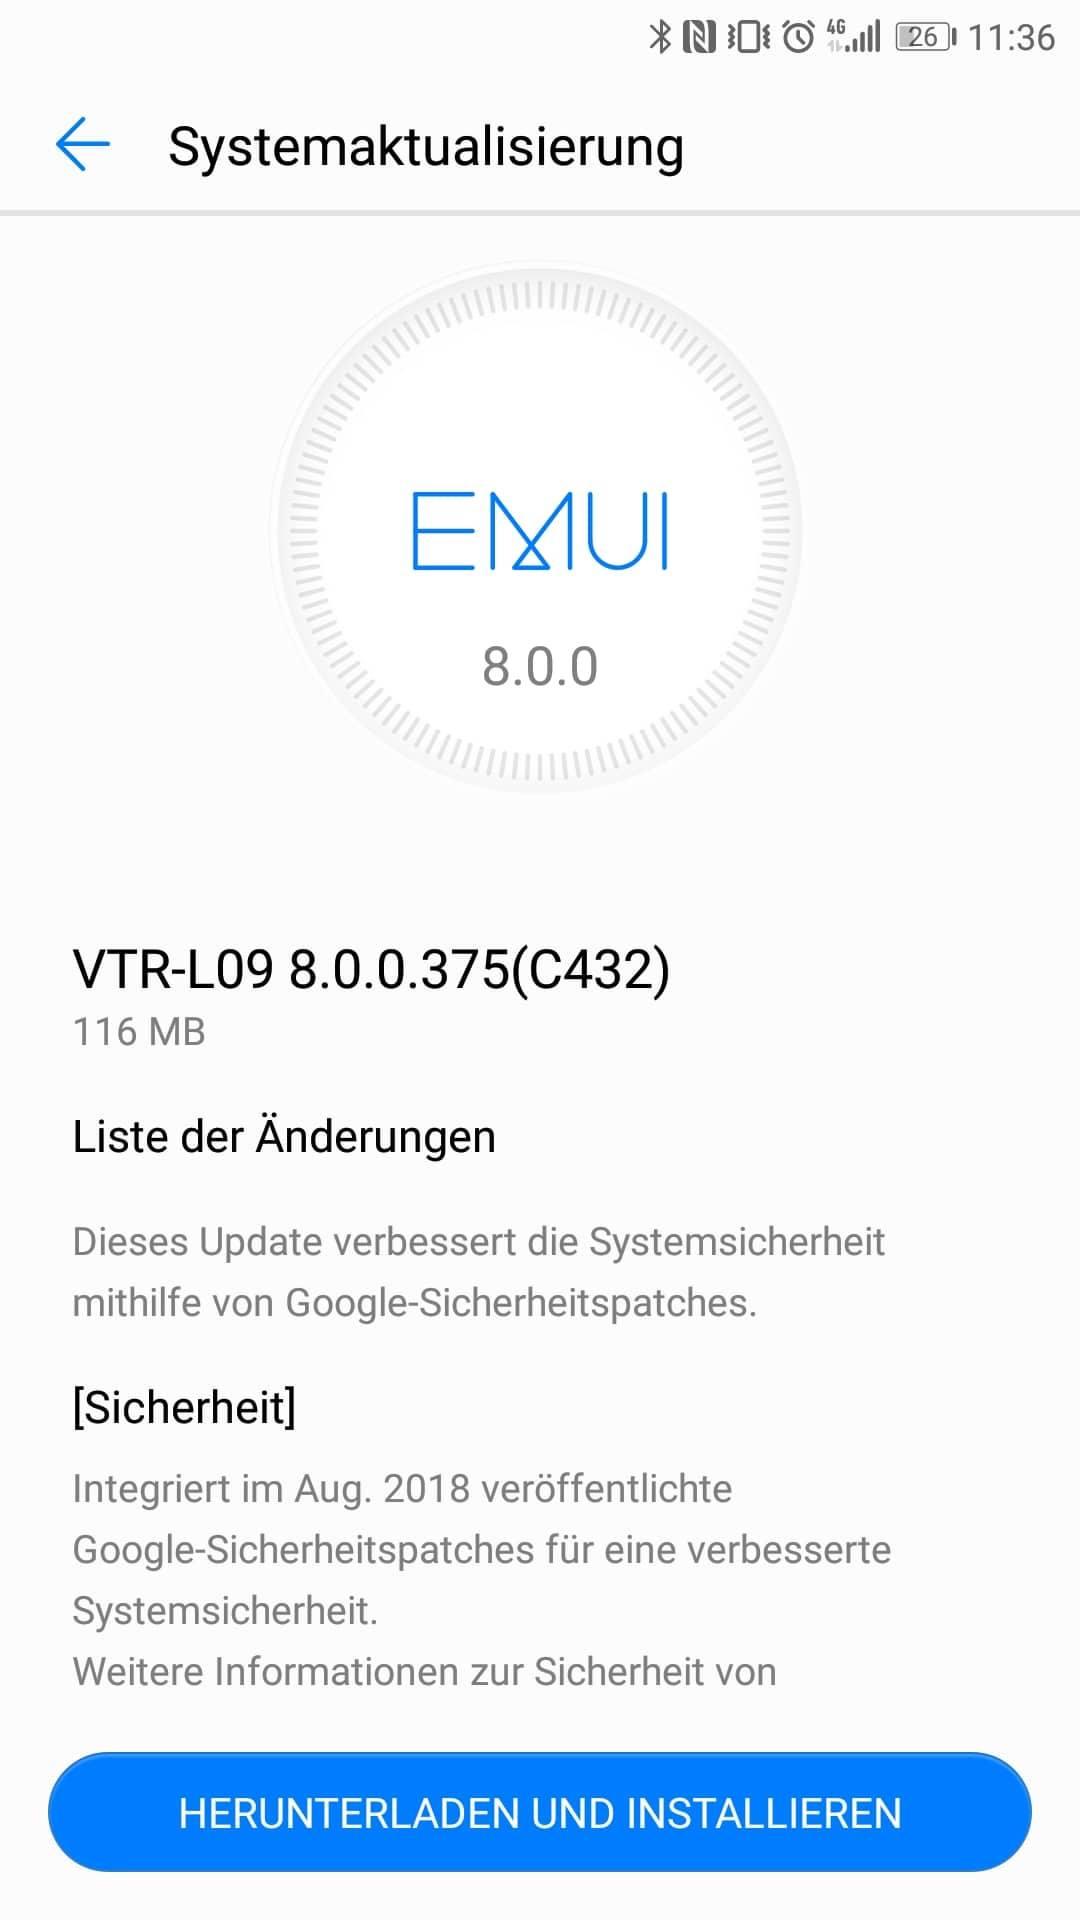 Huawei_P10_Firmware_Update_375_Sicherheitspatch_August_2018_3